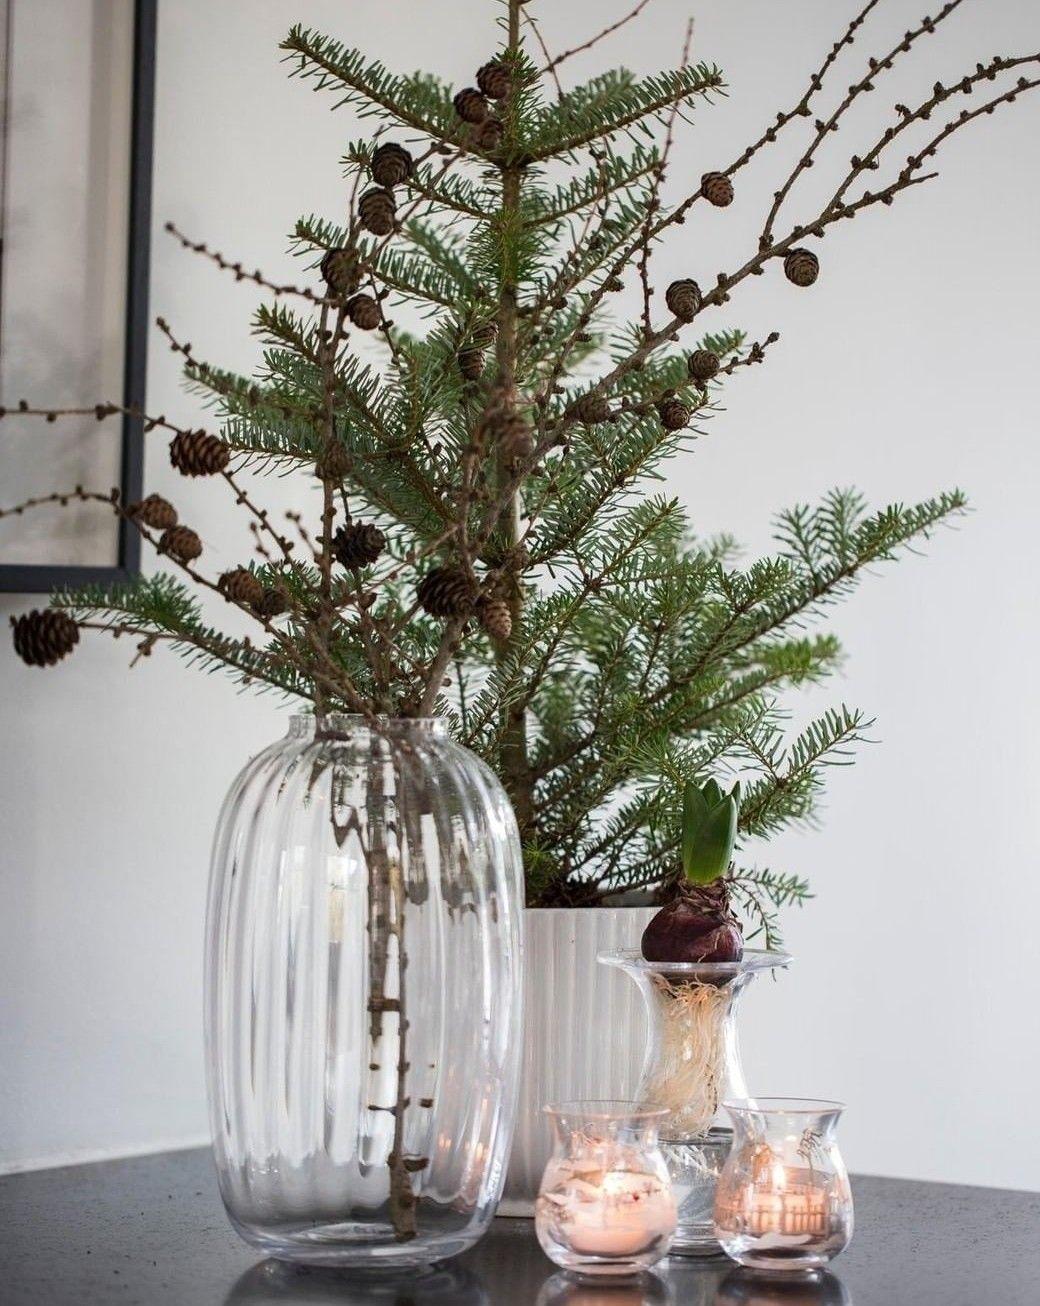 Christmas decor #weihnachtlicheszuhause